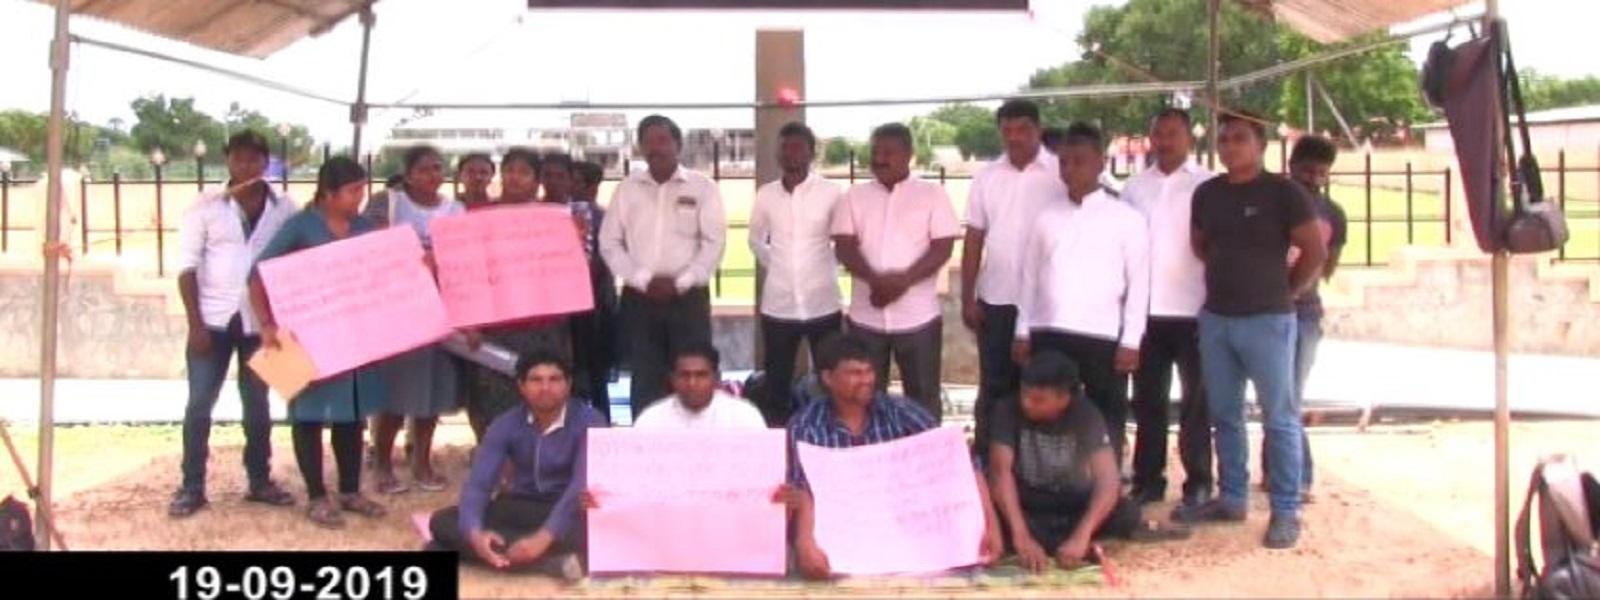 முல்லைத்தீவு மாவட்ட வேலையற்ற பட்டதாரிகள் உண்ணாவிரதப் போராட்டம்